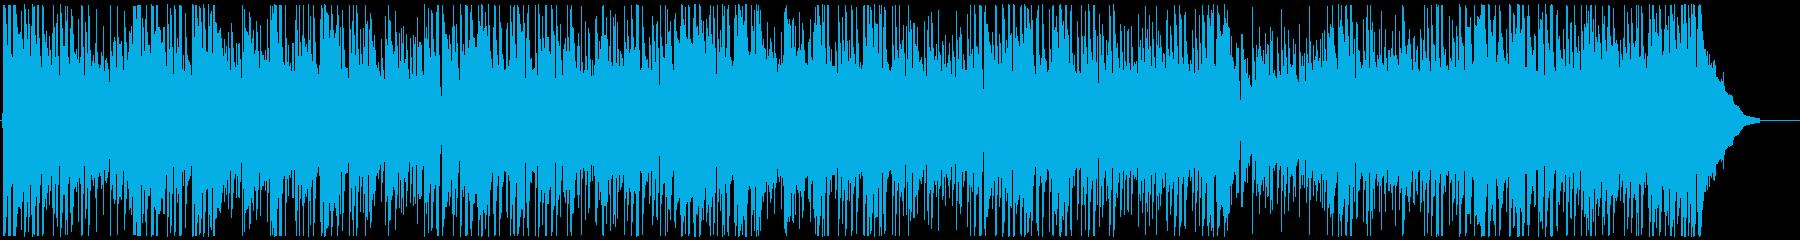 爽やかで跳ねるようなイメージのBGMの再生済みの波形